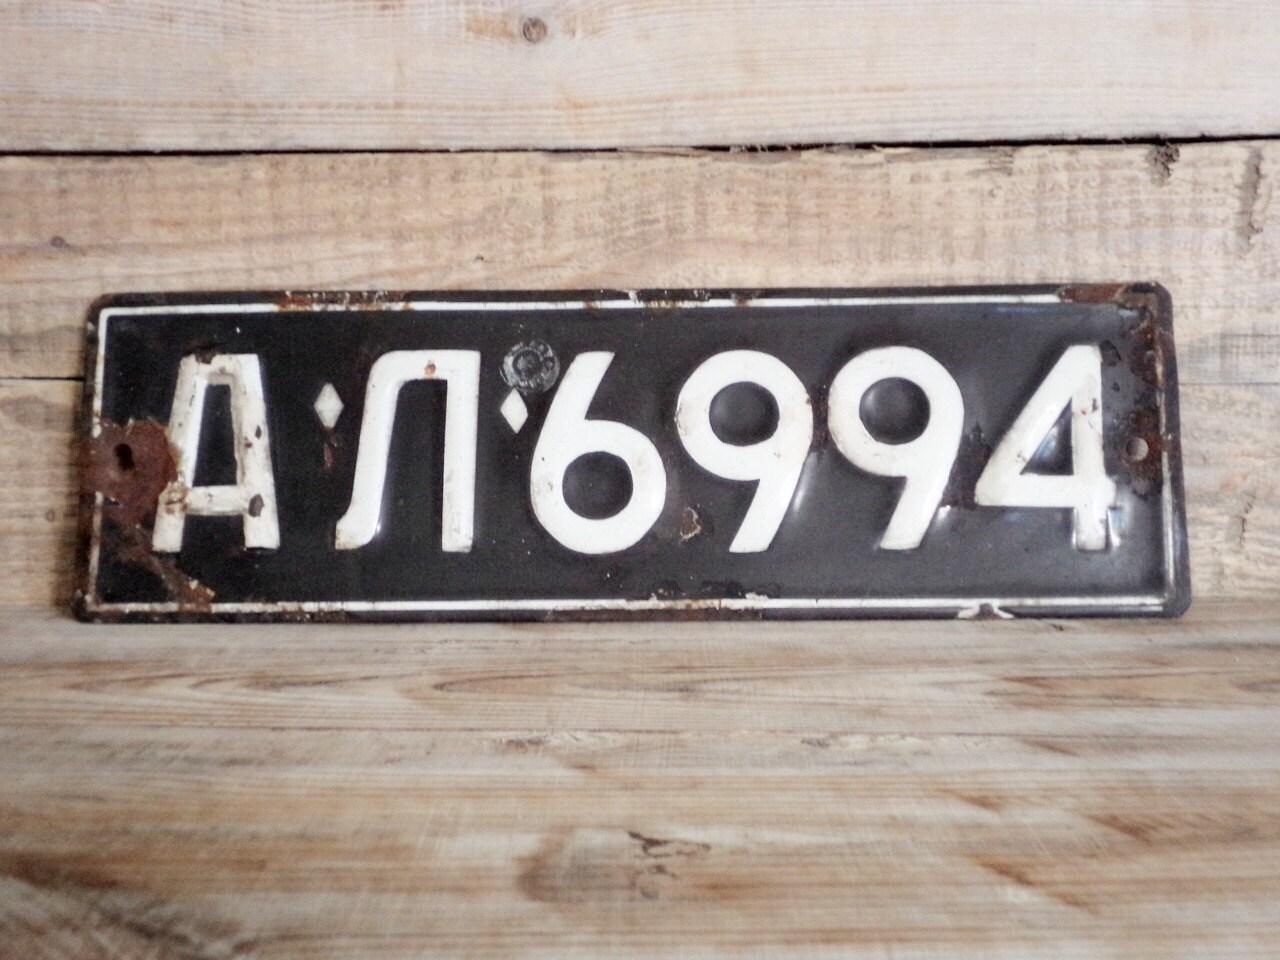 Vintage Car Registration Plate, Old Bulgarian License Plate, Old ...